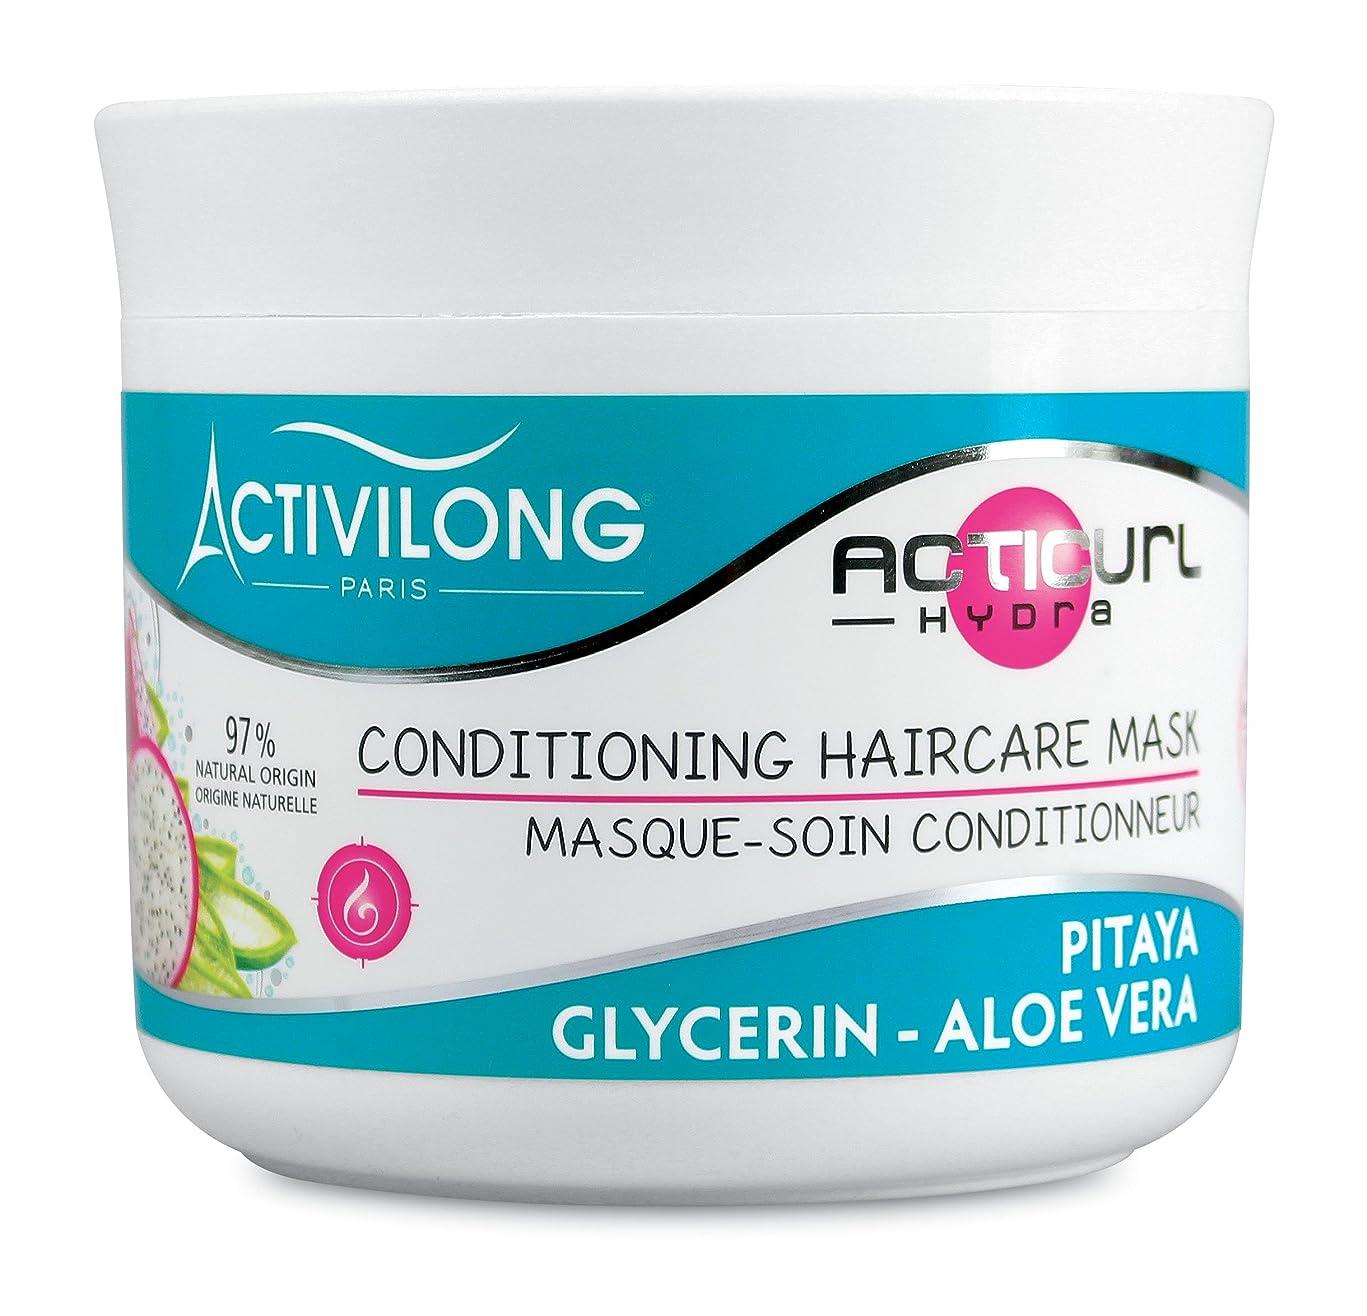 ようこそベーシック宝石Activilong Acticurl HydraコンディショニングヘアケアマスクDragonfruit Pitayaグリセリンアロエベラ200 ml